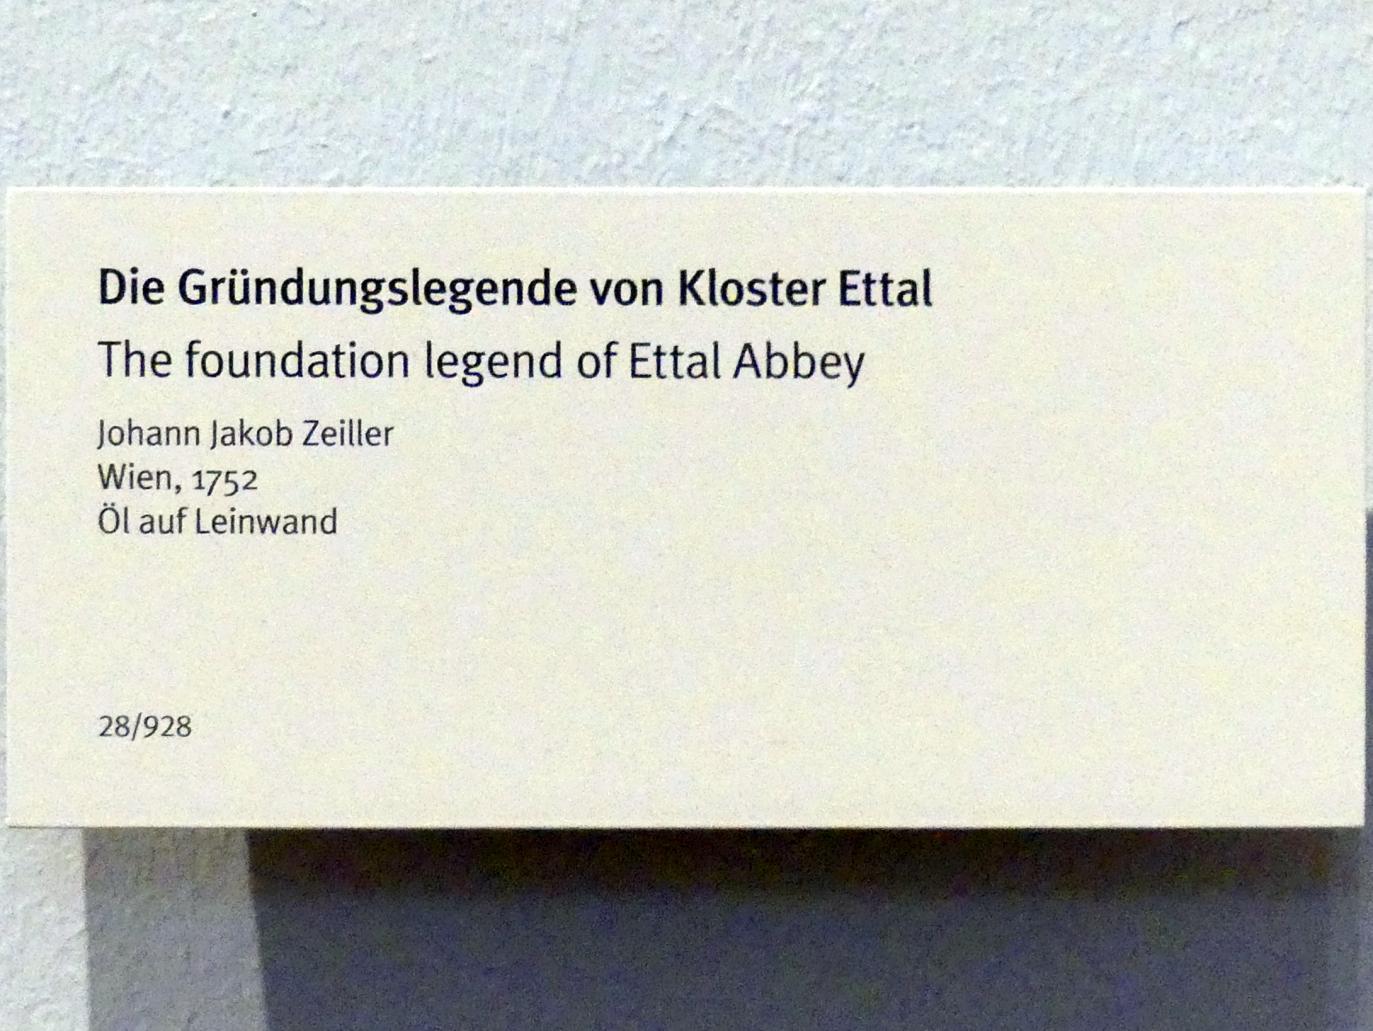 Johann Jakob Zeiller: Die Gründungslegende von Kloster Ettal, 1752, Bild 2/2